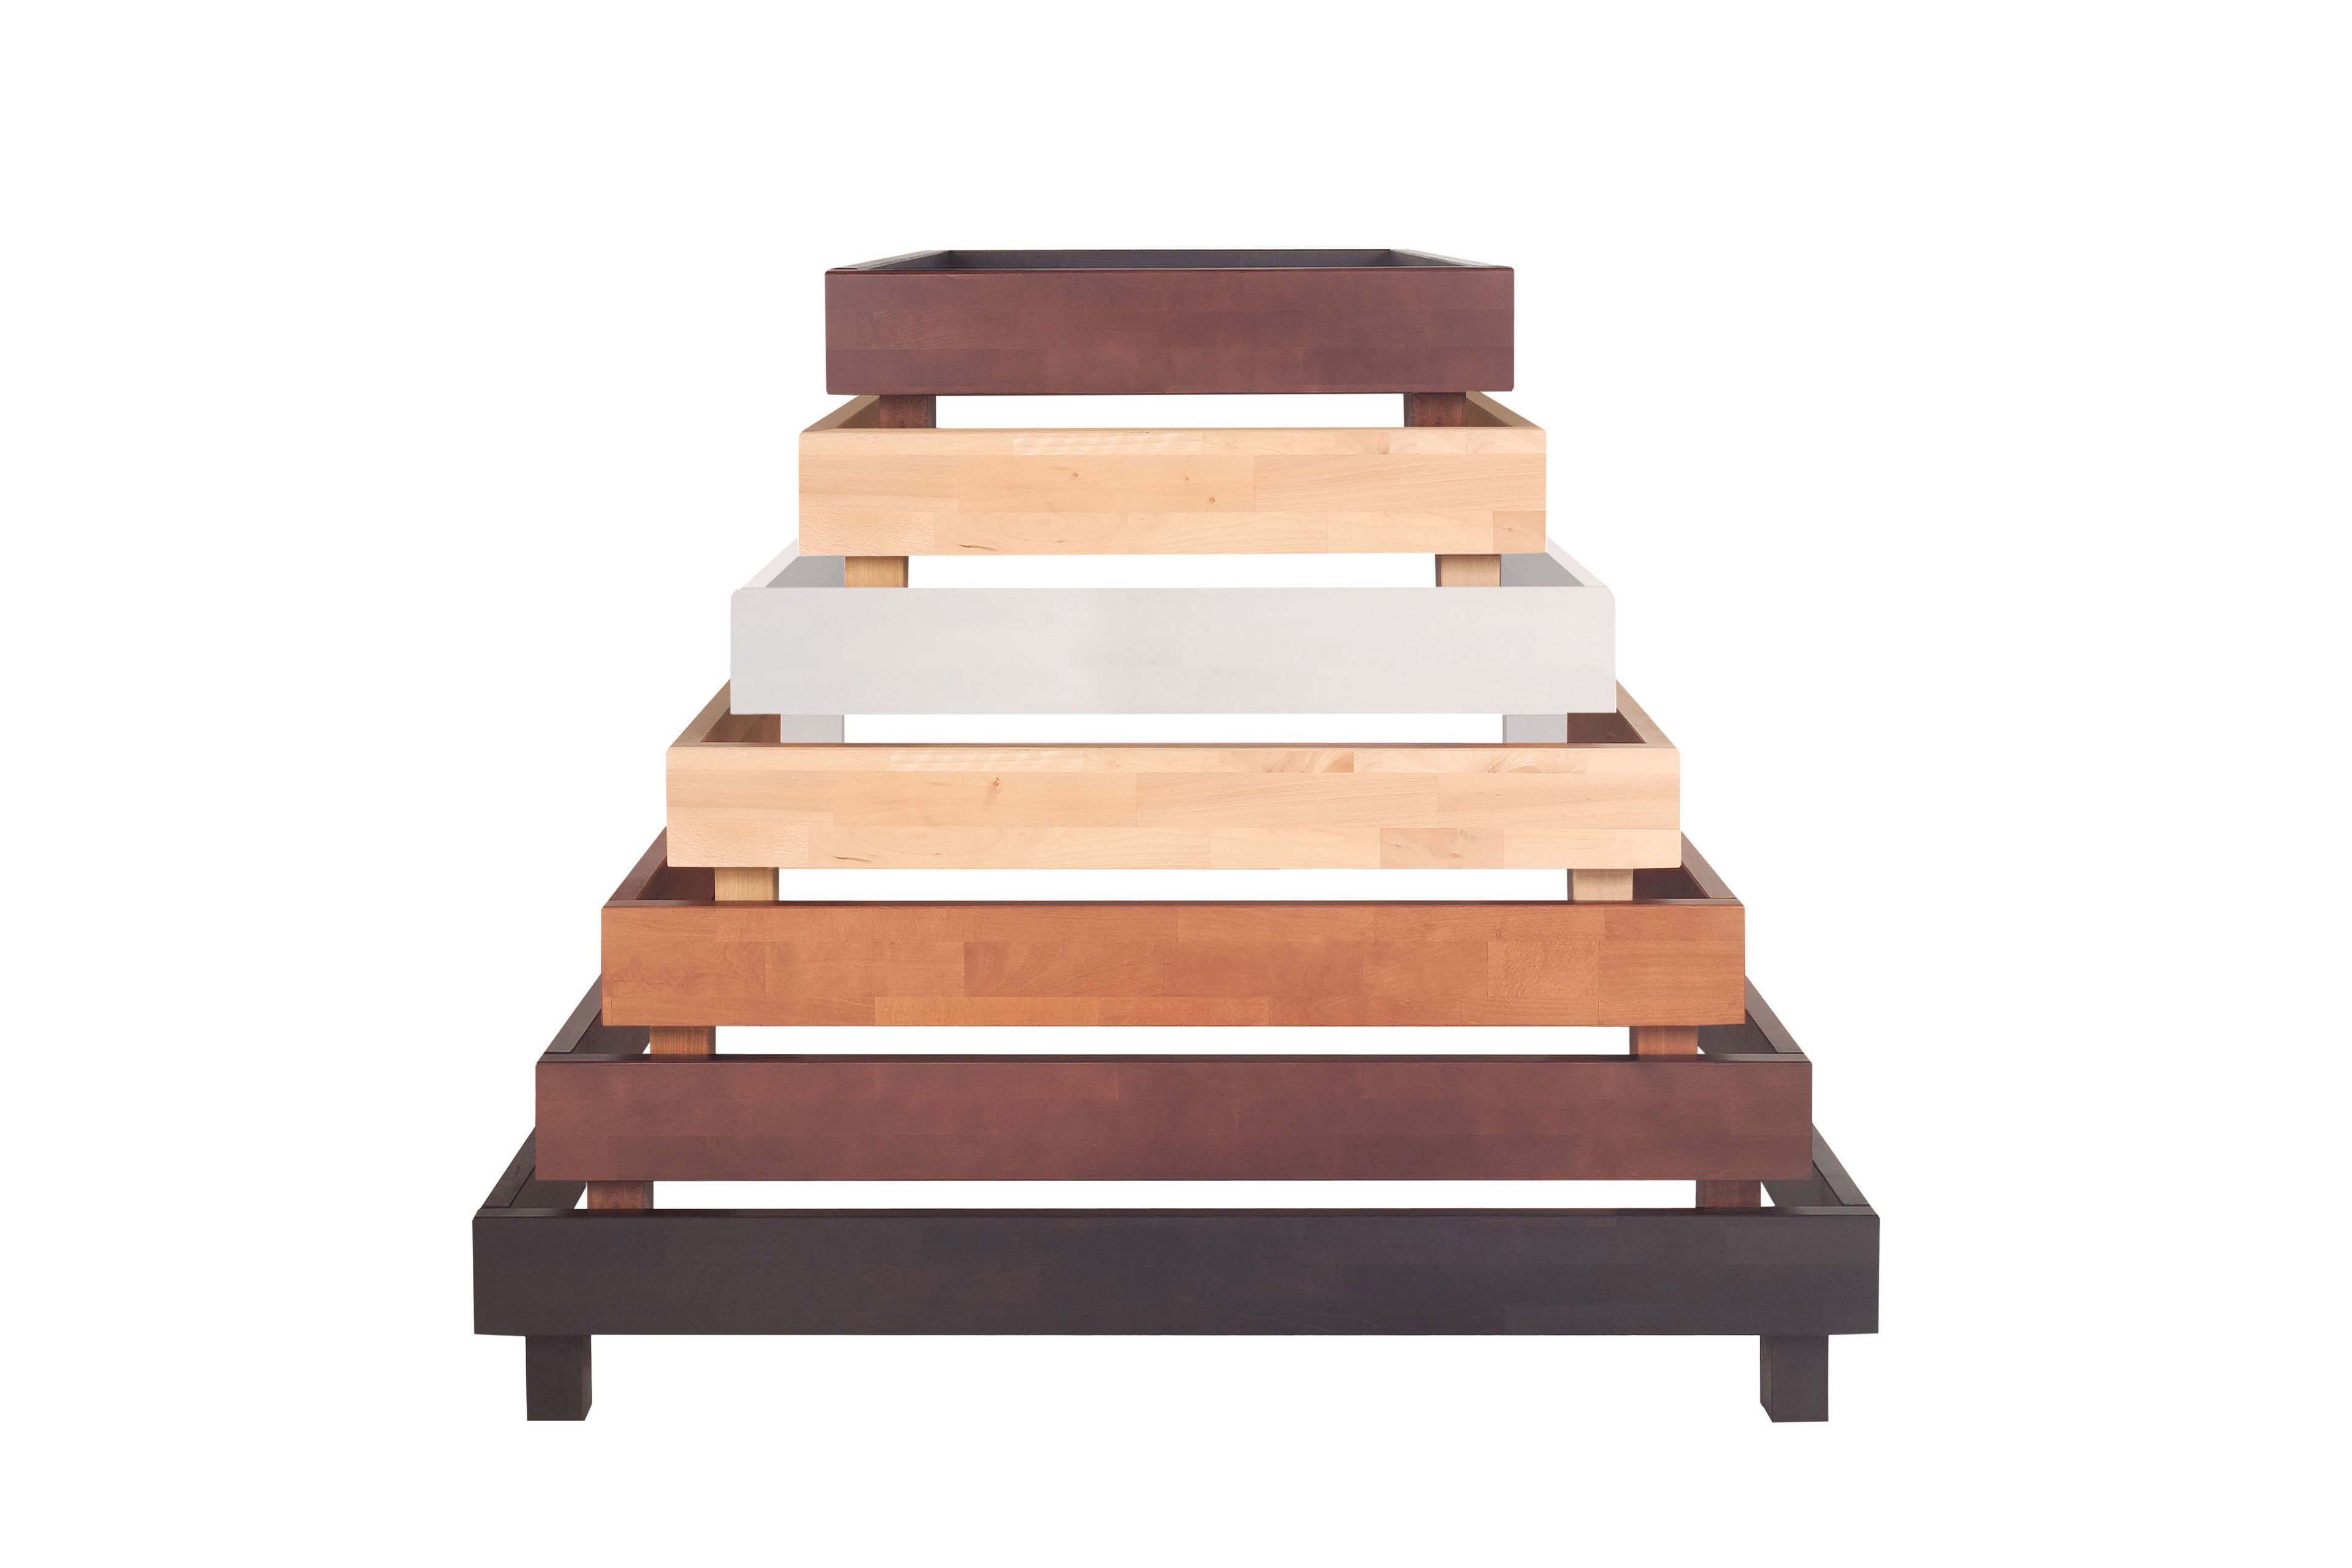 Modular Primolar serino Bett Buche/ braun | Möbel Letz - Ihr Online-Shop